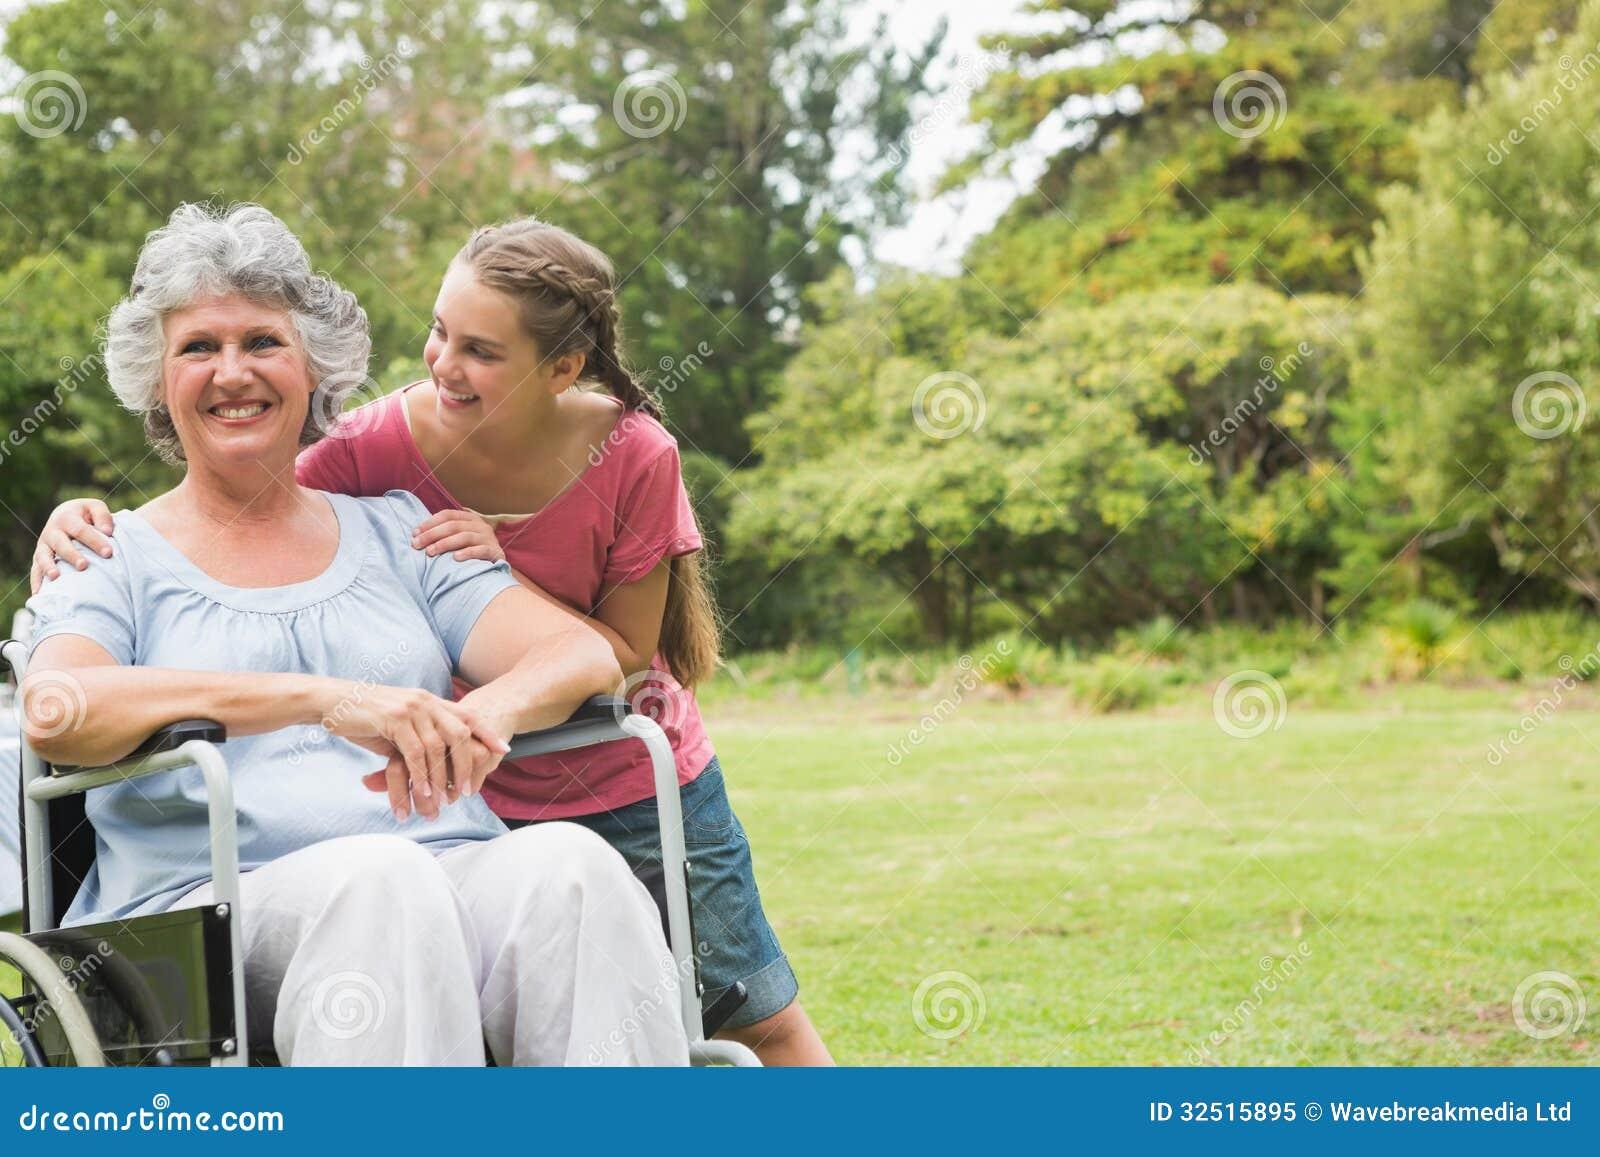 Nonna D 39 Abbraccio Della Nipote In Sedia A Rotelle